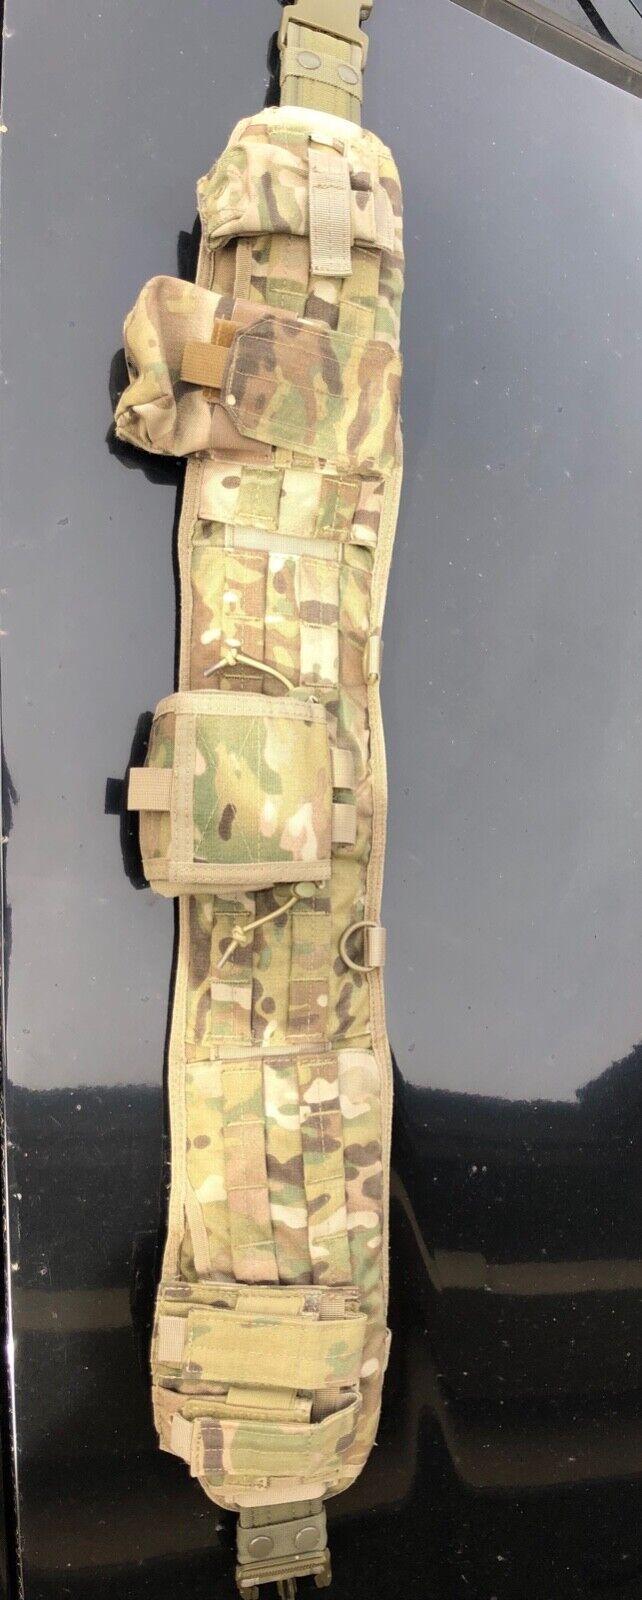 Condor; multicam gear; battle belt; tactical; duty gear;  equipment  waiting for you